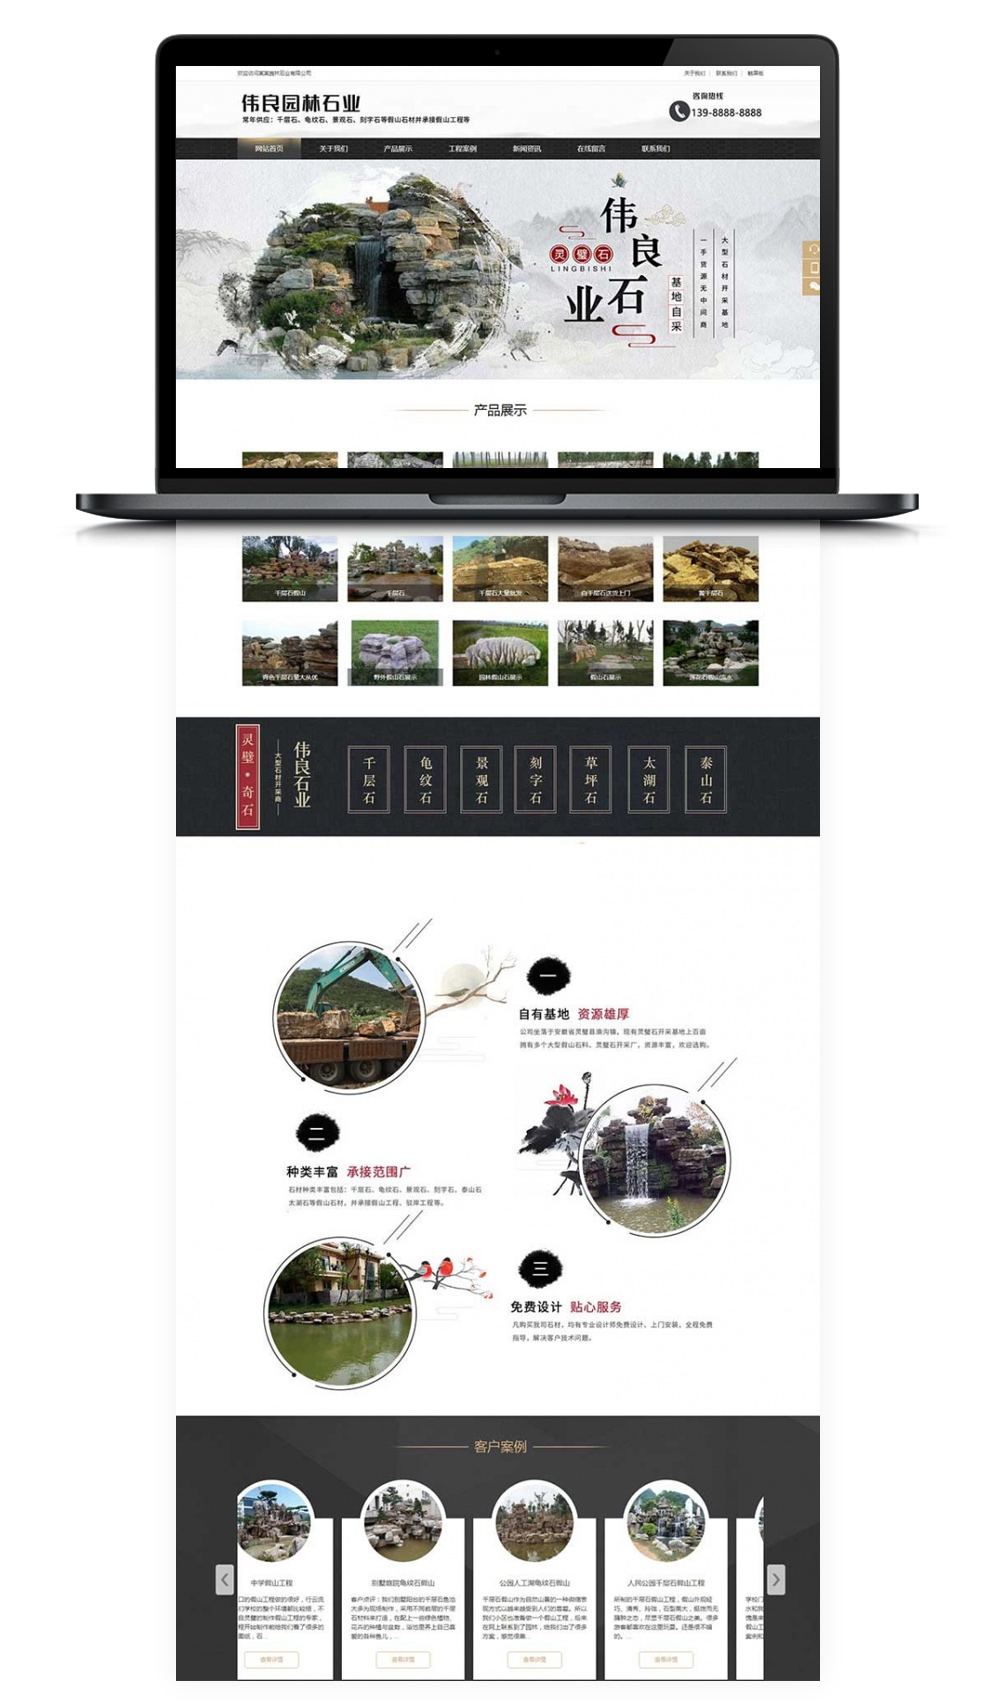 【DEDECMS模板】园林石业装饰工程类企业网站HTML5模板[自适应手机]-找主题源码